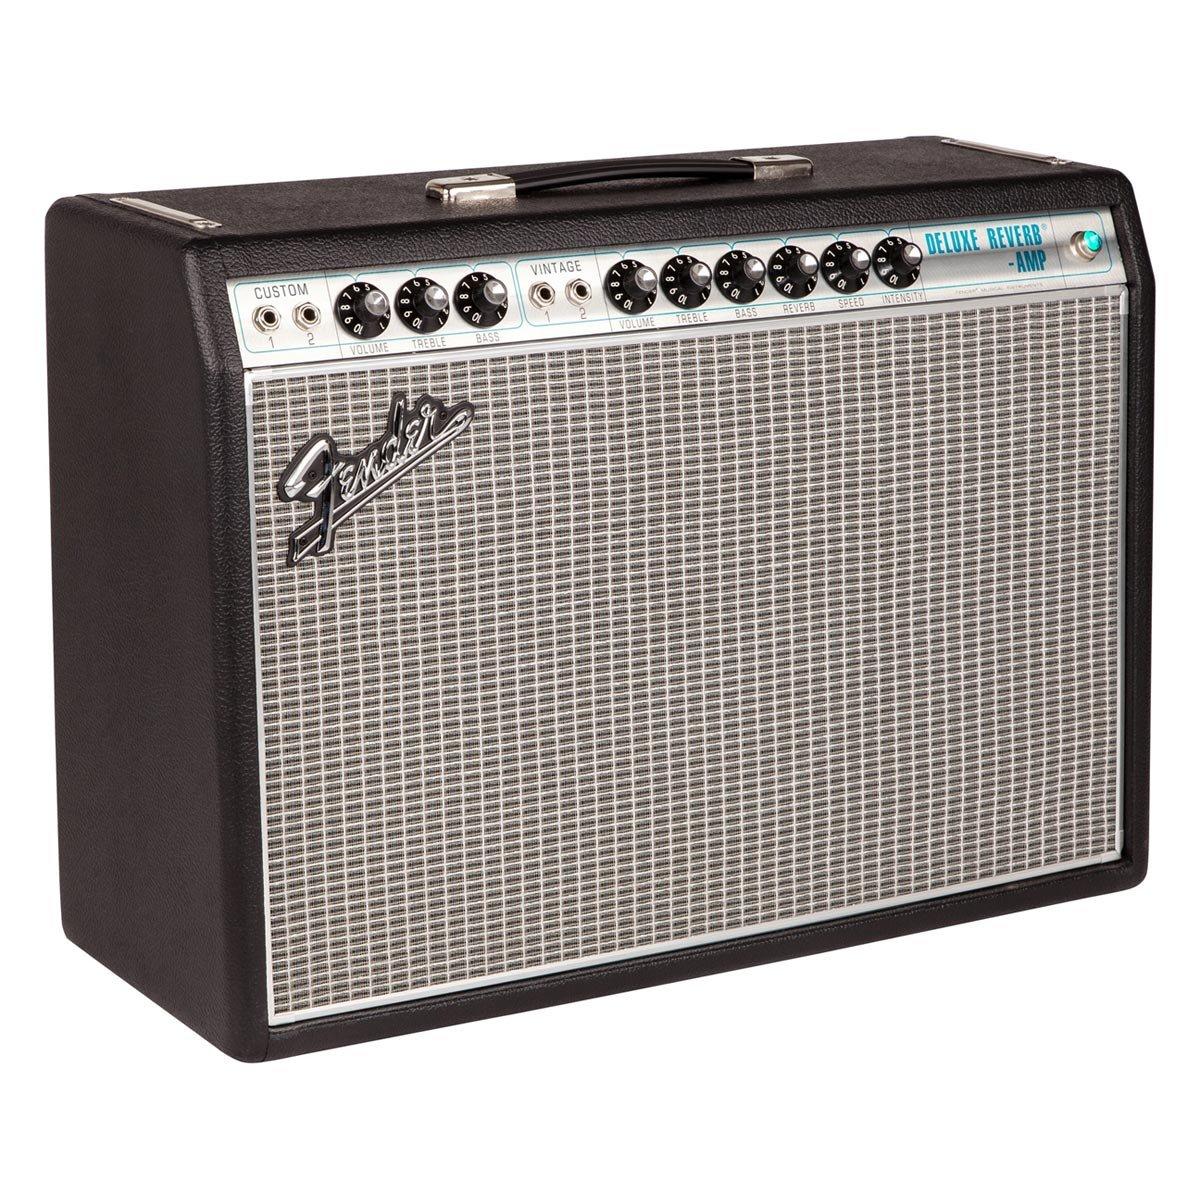 punto de venta barato Fender Fender Fender '68 Deluxe Reverb Reissue middot; Amplificador guitarra eléctrica  precios ultra bajos